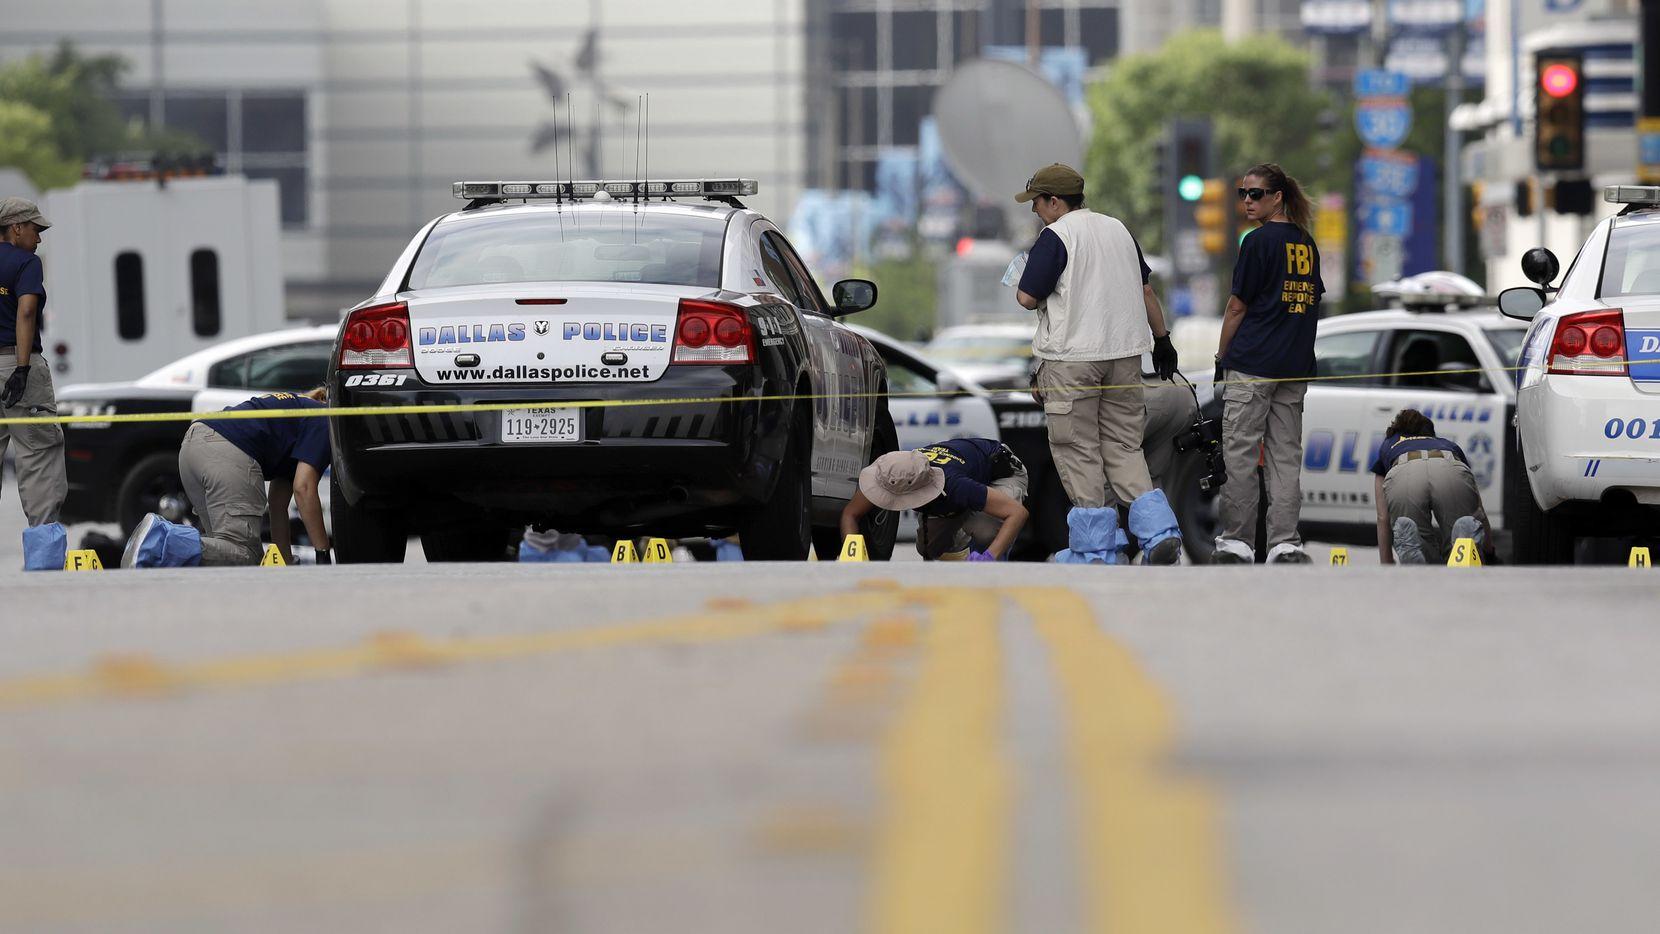 Investigadores trabajan en el centro, donde las calles permanecen cerradas tras el ataque  en el que un francotirador mató  a cinco policías.